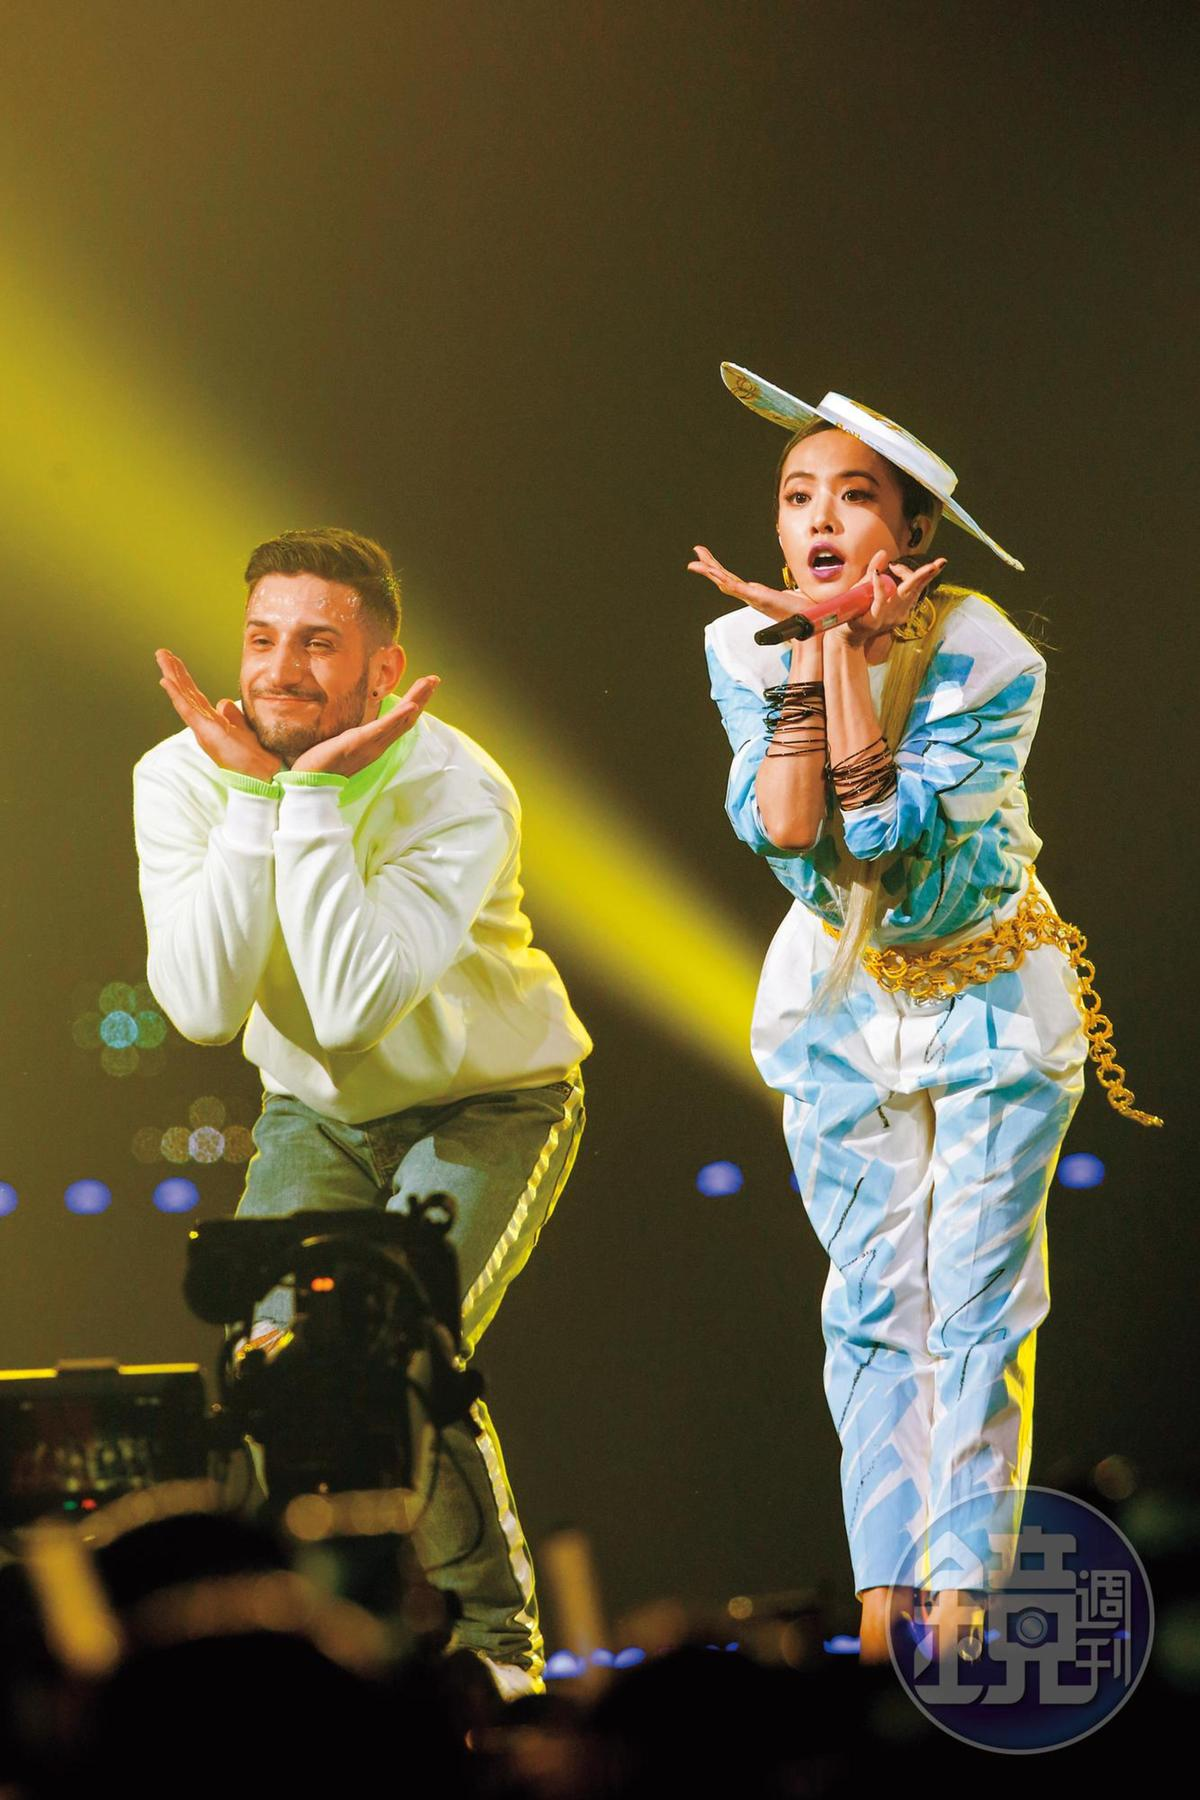 在KKBOX風雲榜演唱會上,蔡依林依舊唱跳賣力,蔡依林以前覺得舞蹈只是一種工作,但現在當成脫離現實世界的方式。